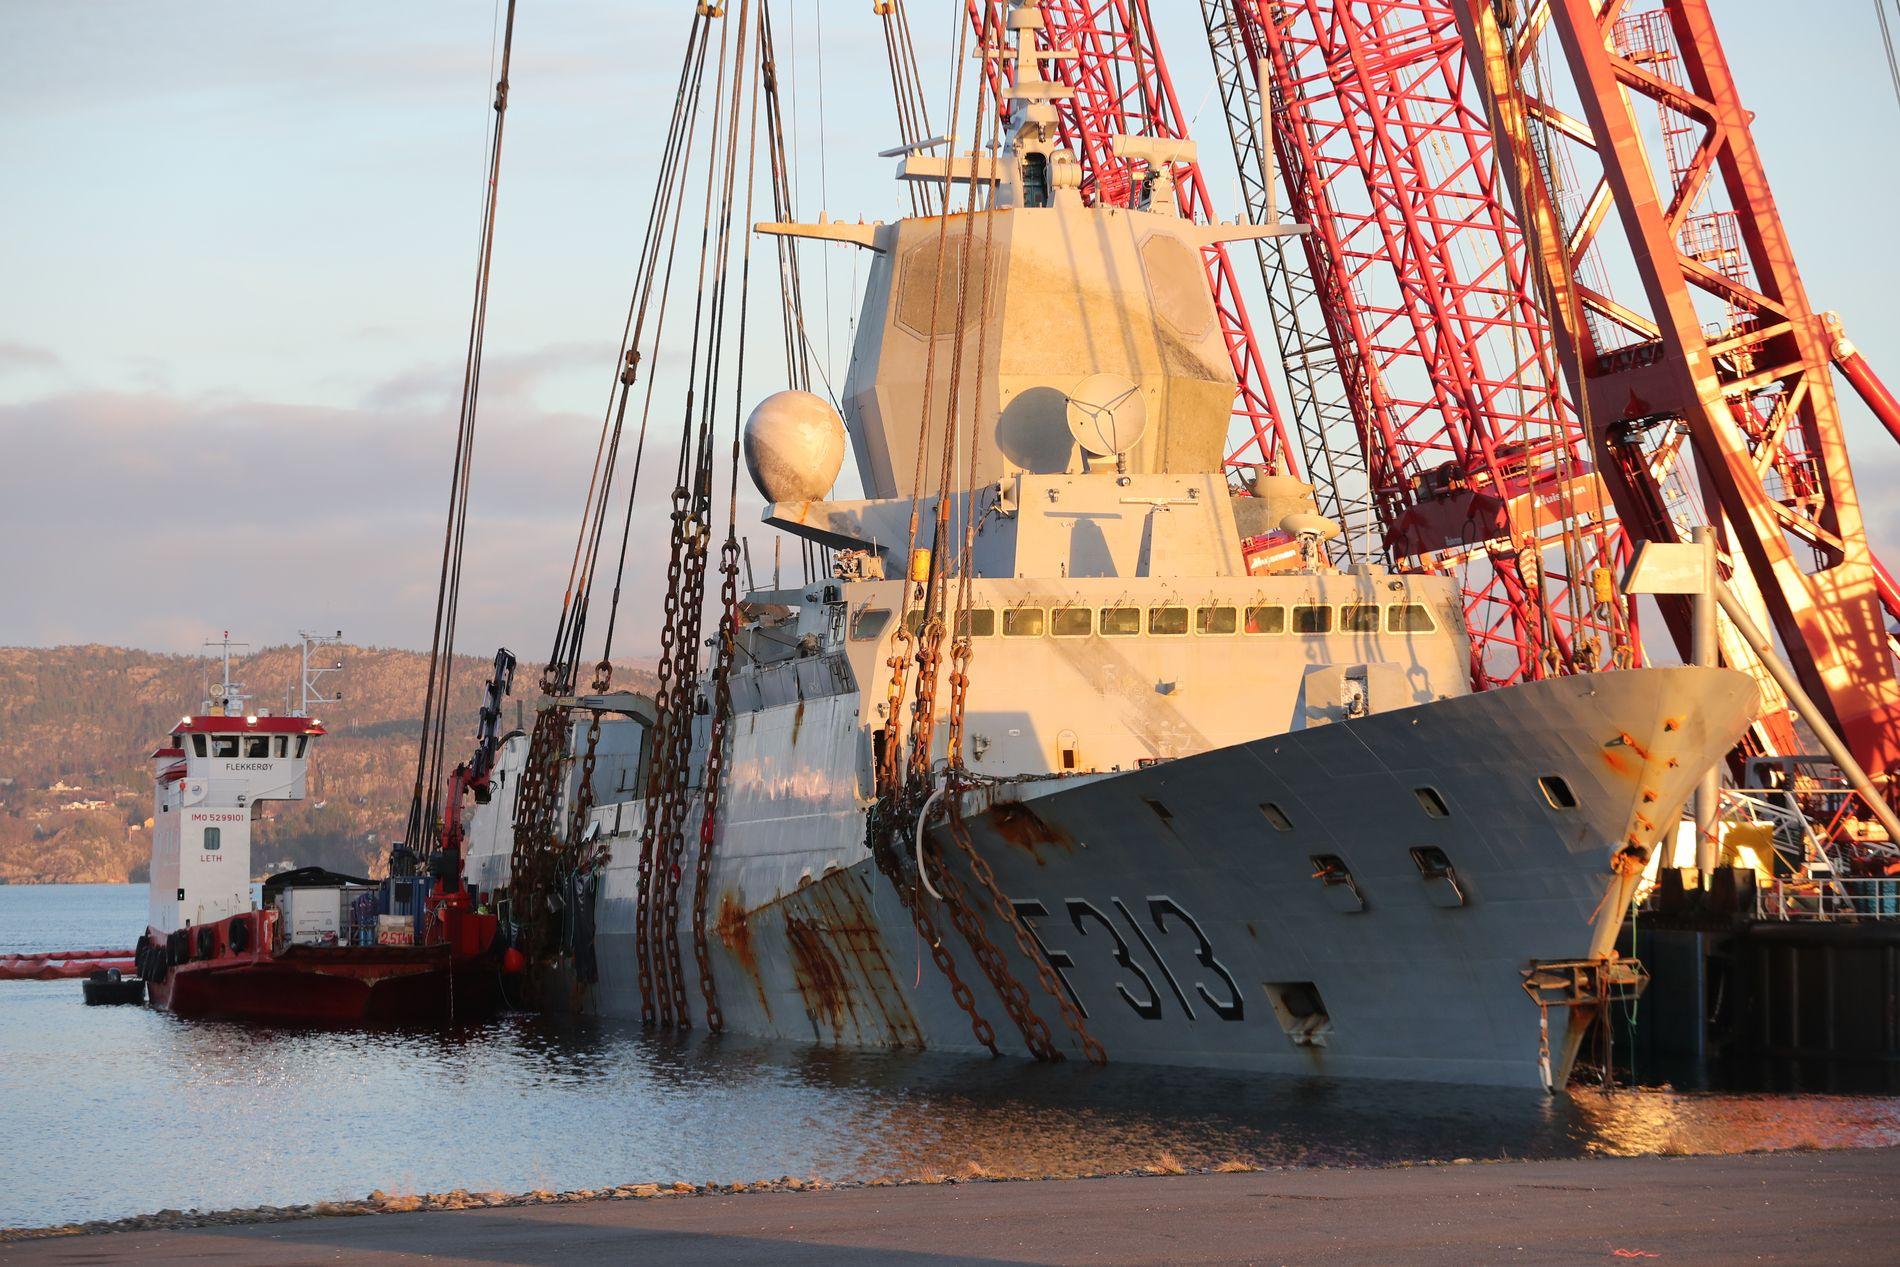 NÅ: Fregatten har kommet seg godt over vann, men det er fortsatt kritiske faser som gjenstår.